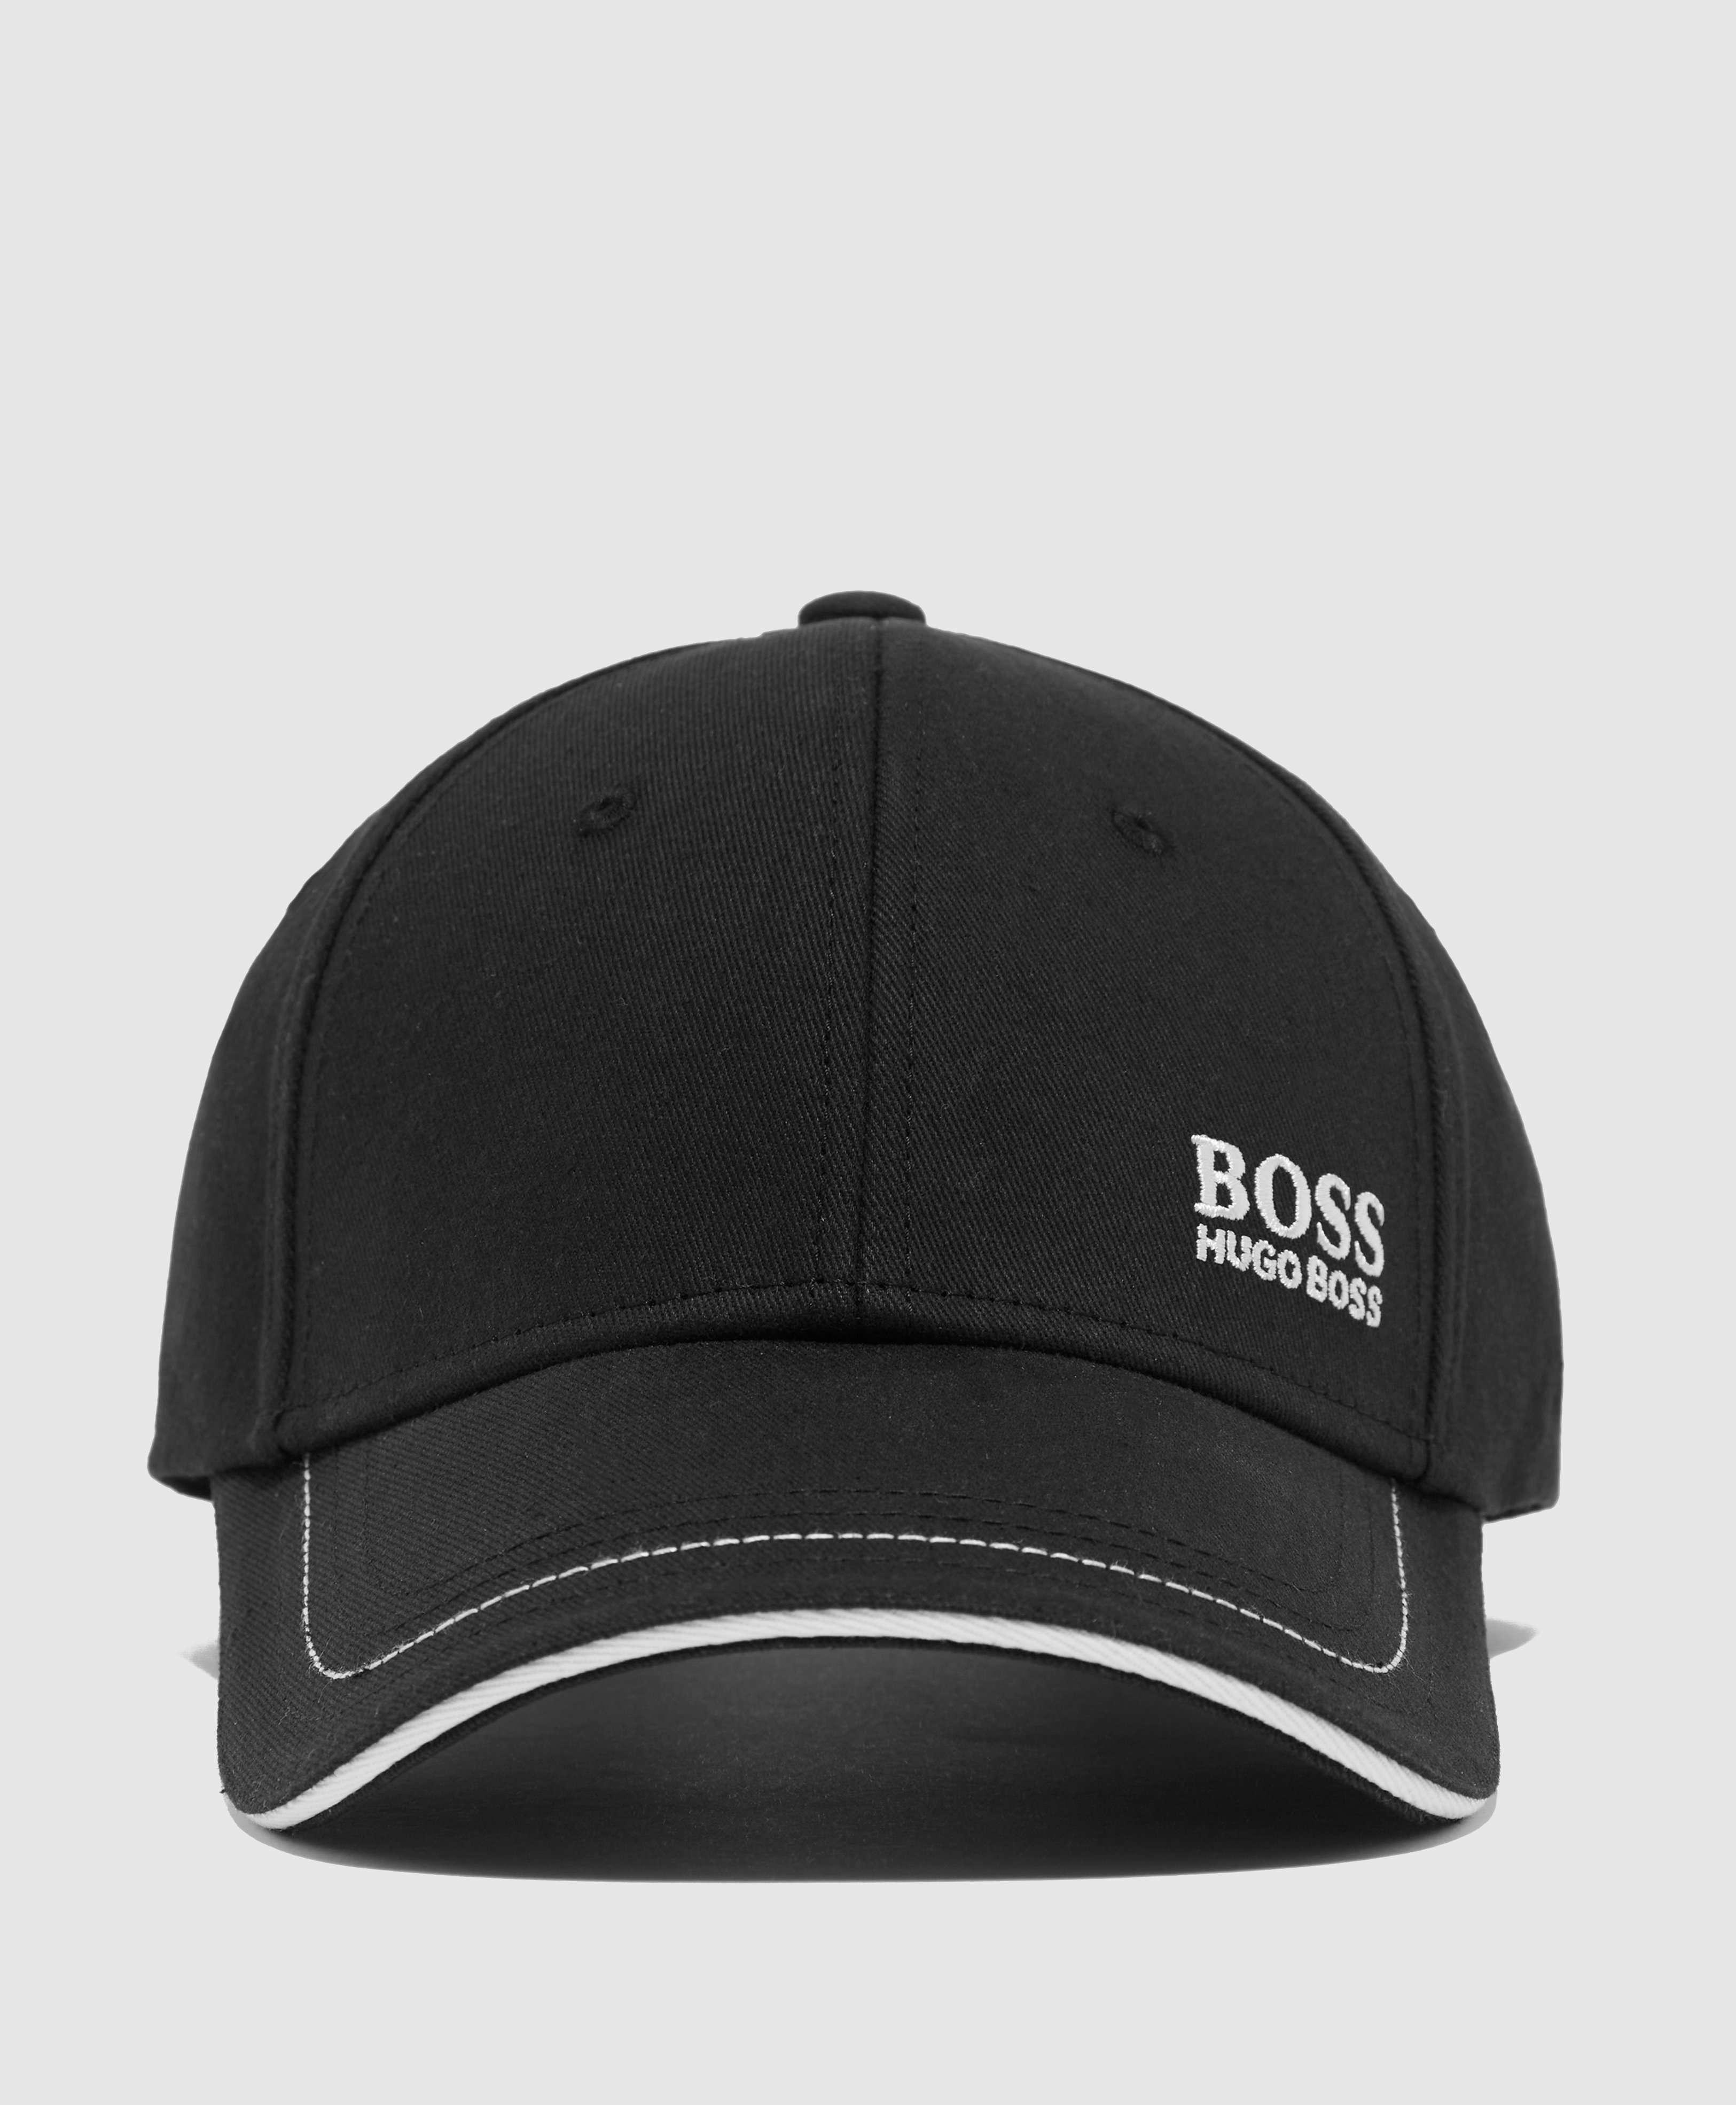 Hugo Boss Green Accessories  f509b15dbe20